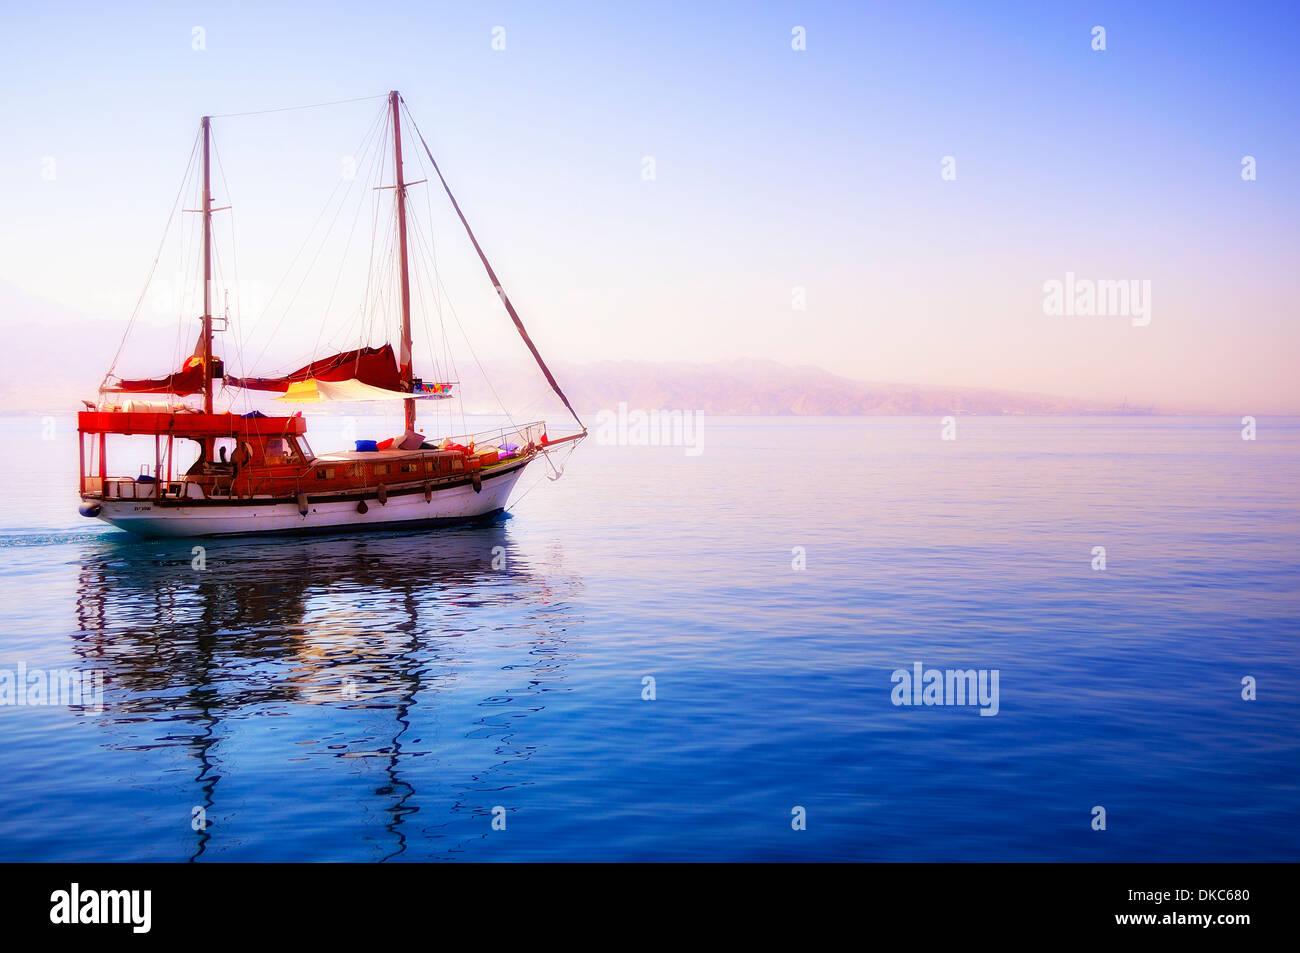 Foto yacht bello allontanarsi verso l'ignoto Immagini Stock